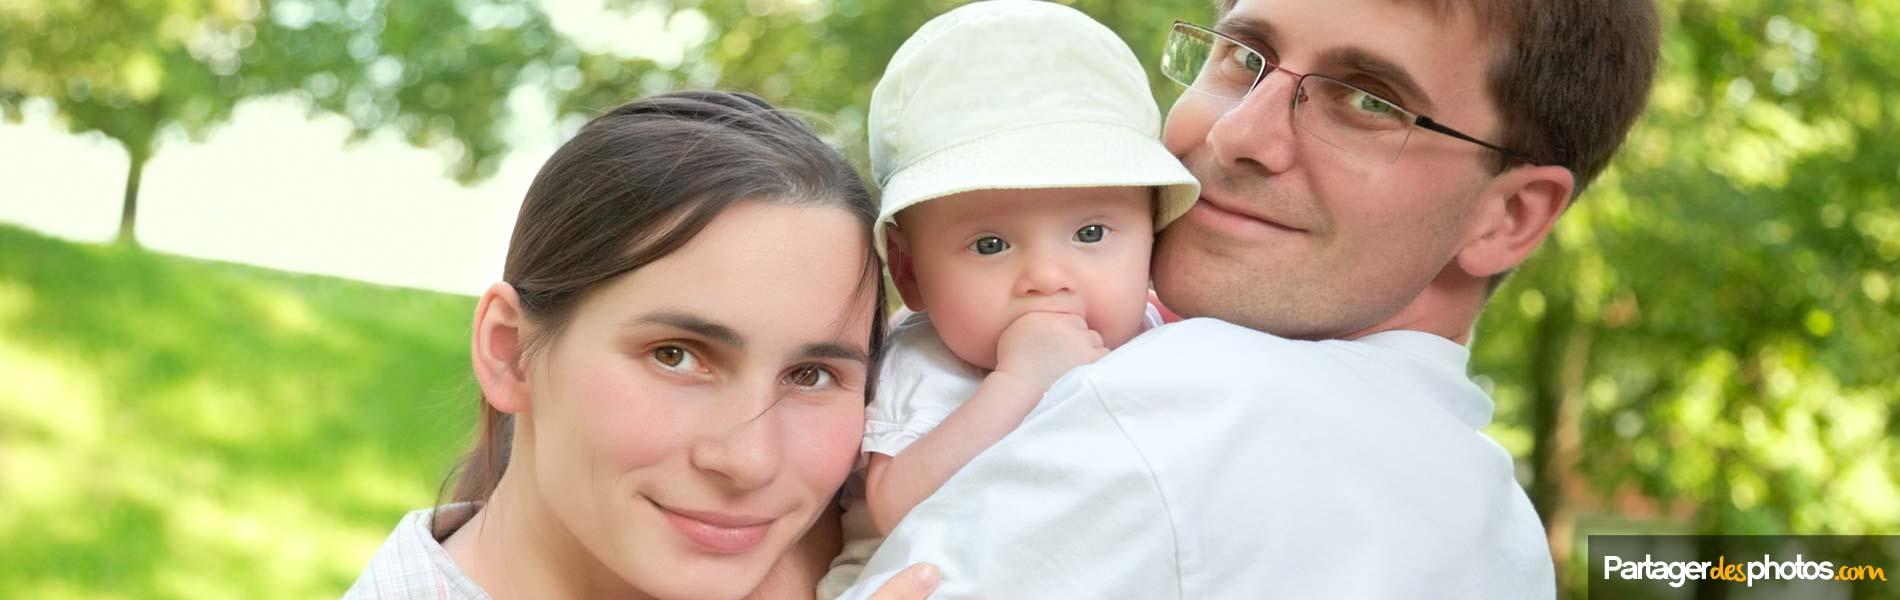 Naissance et évolution de son bébé